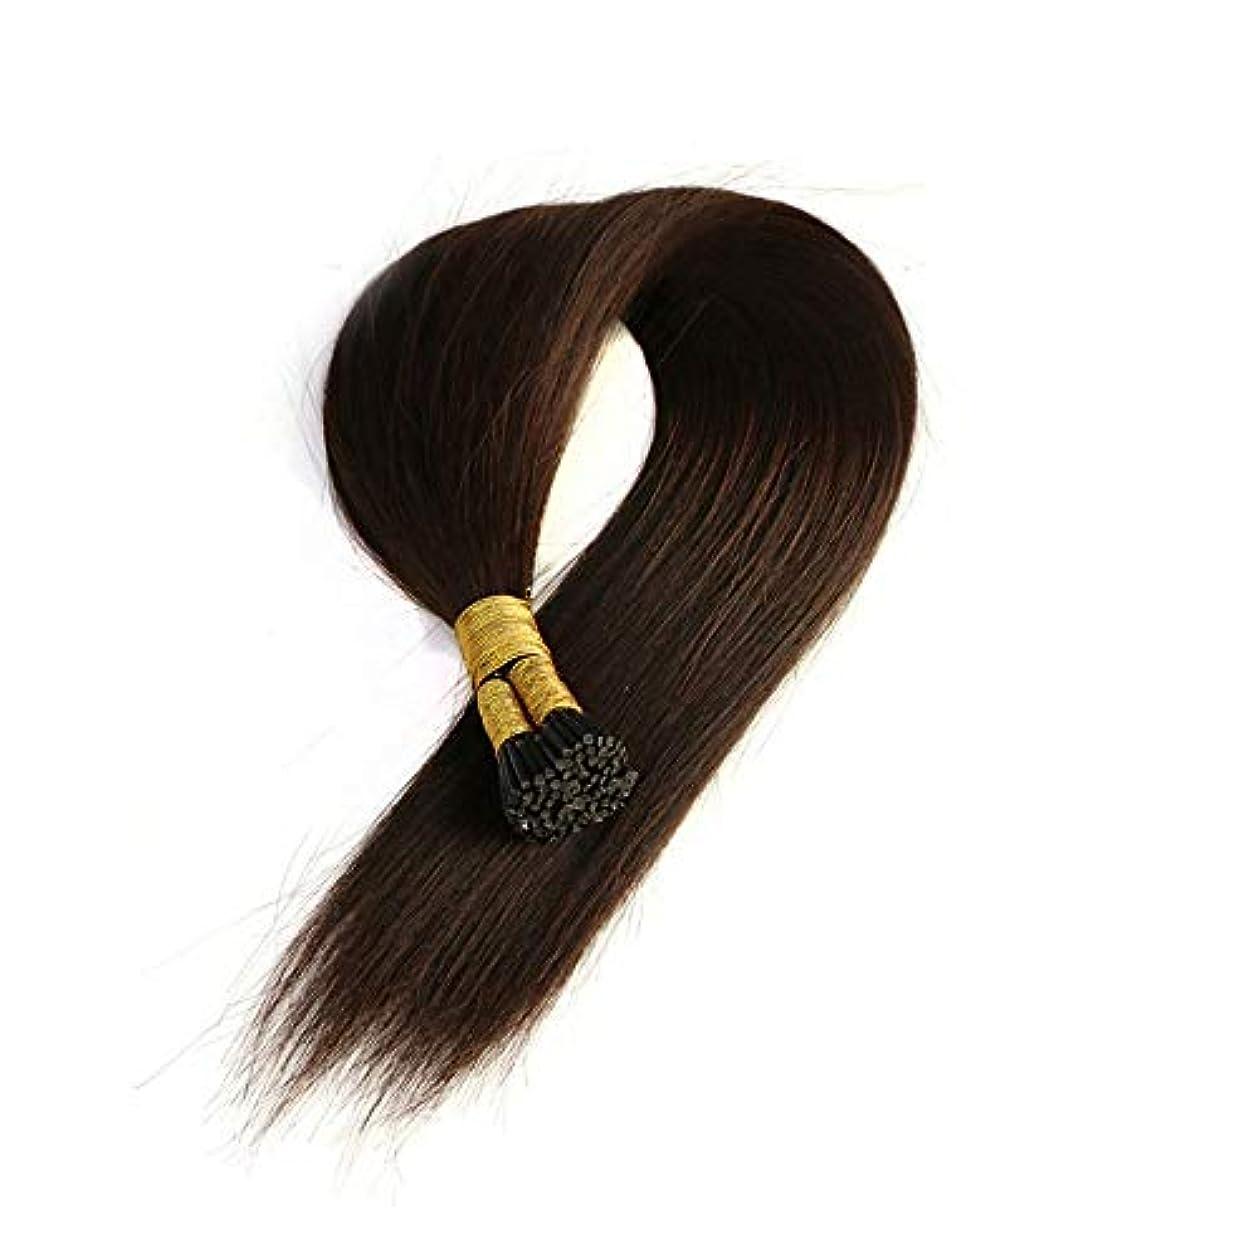 畝間死んでいるギャラリーWASAIO パッケージ数当たりの変化髪型の50グラムのためのヘアエクステンションクリップ裏地なし人間を (色 : 黒, サイズ : 40cm)